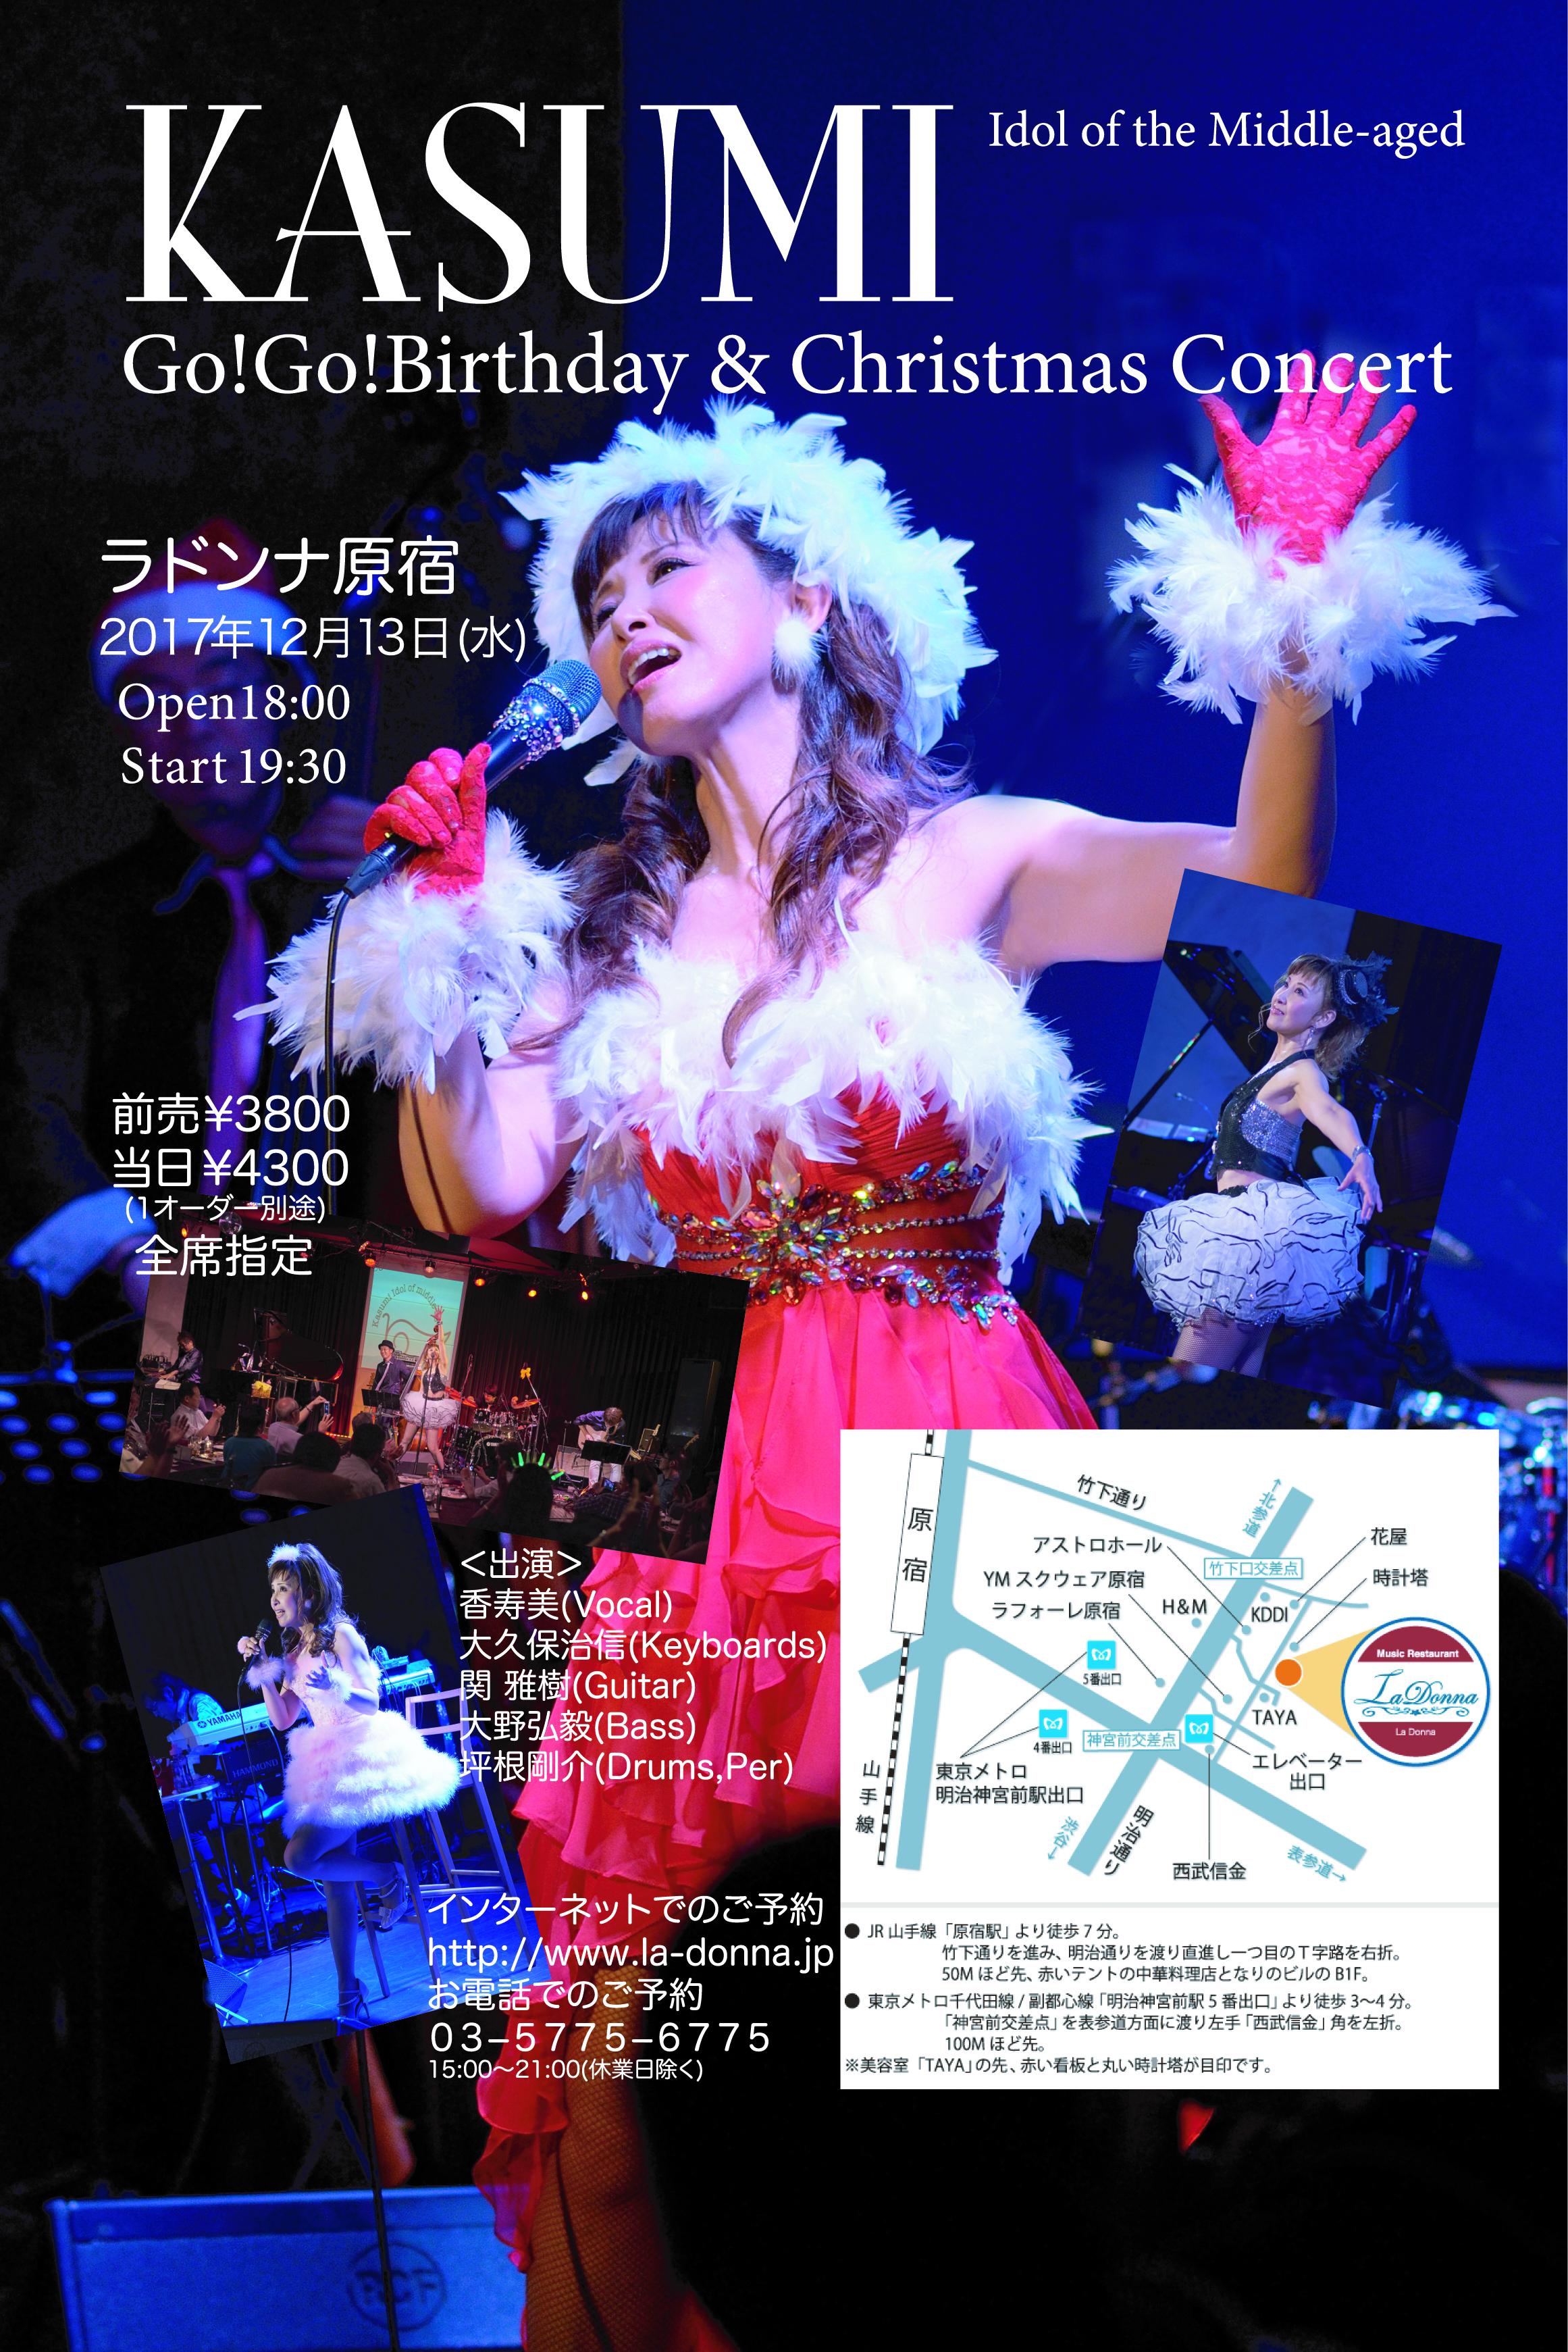 KASUMI  Go!Go!Birthday & Christmas Concert